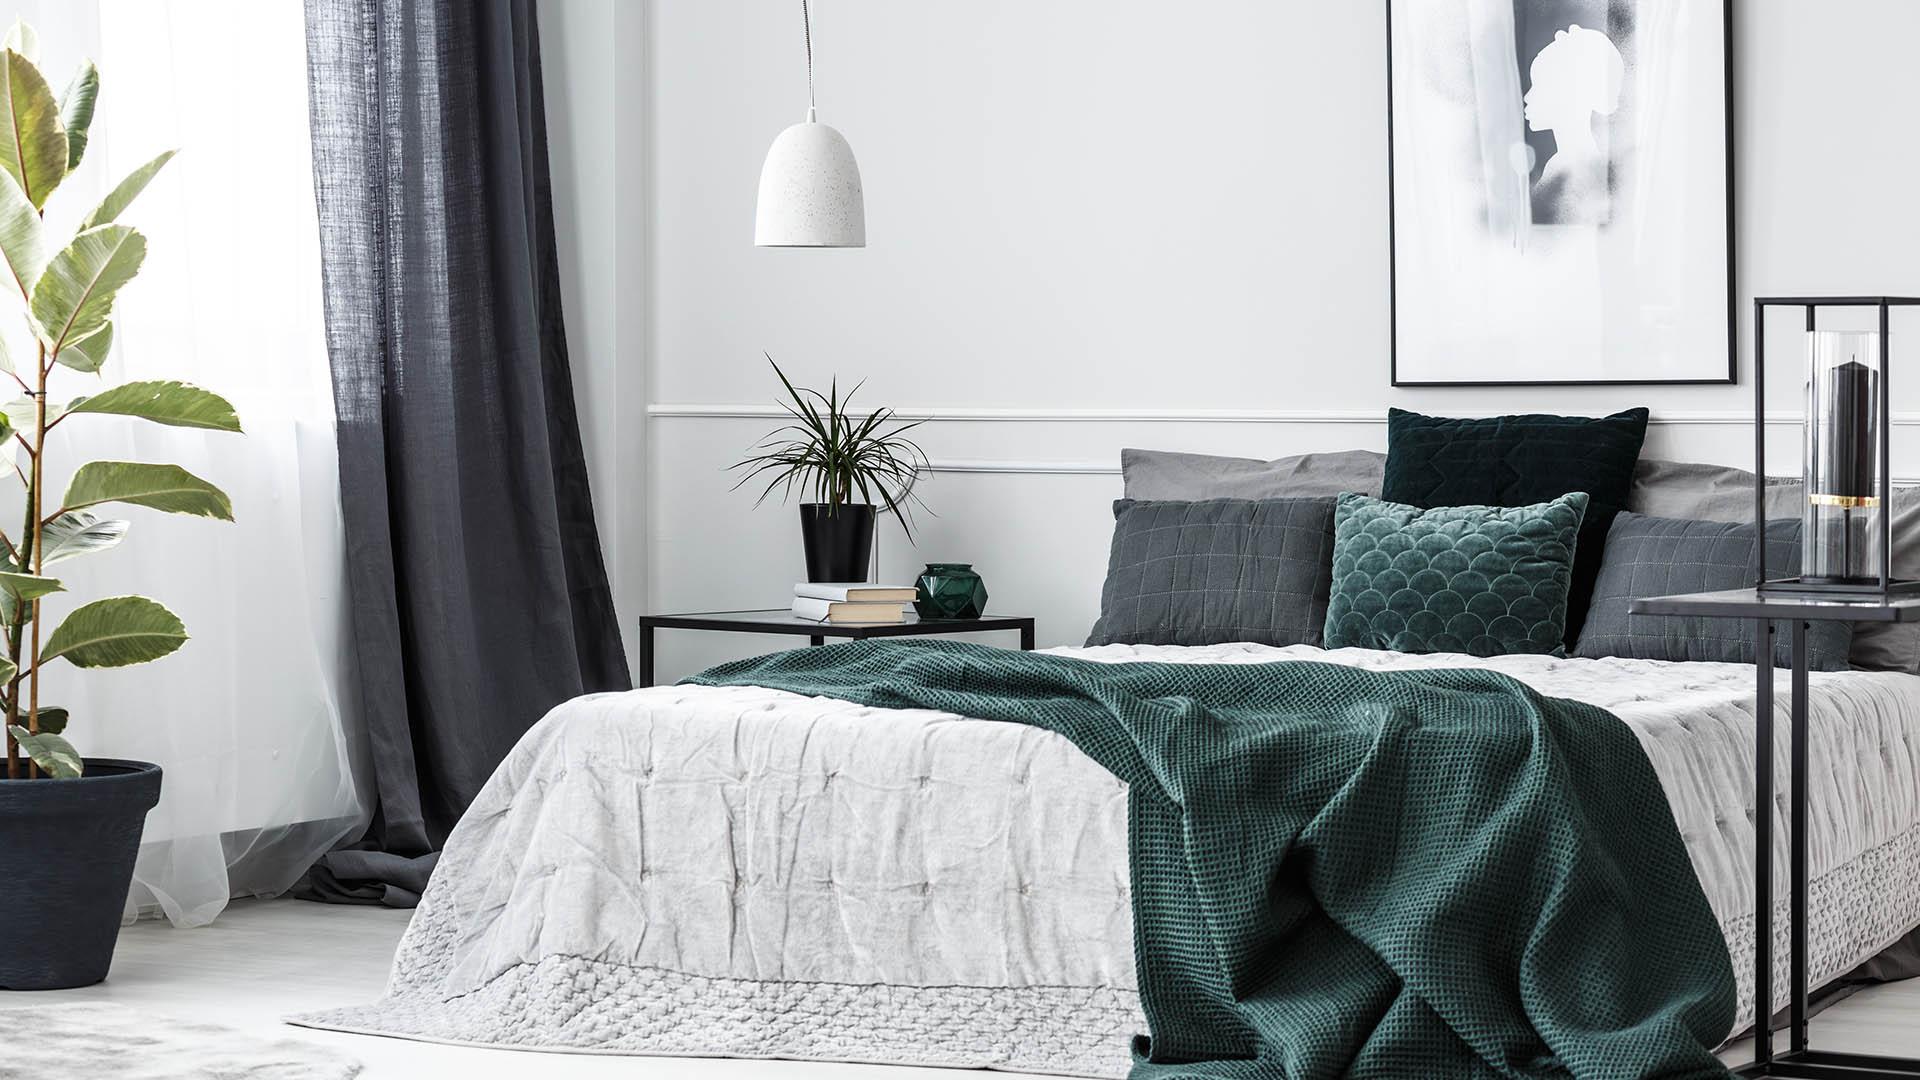 Décoration chambre à coucher - Décoration Paré